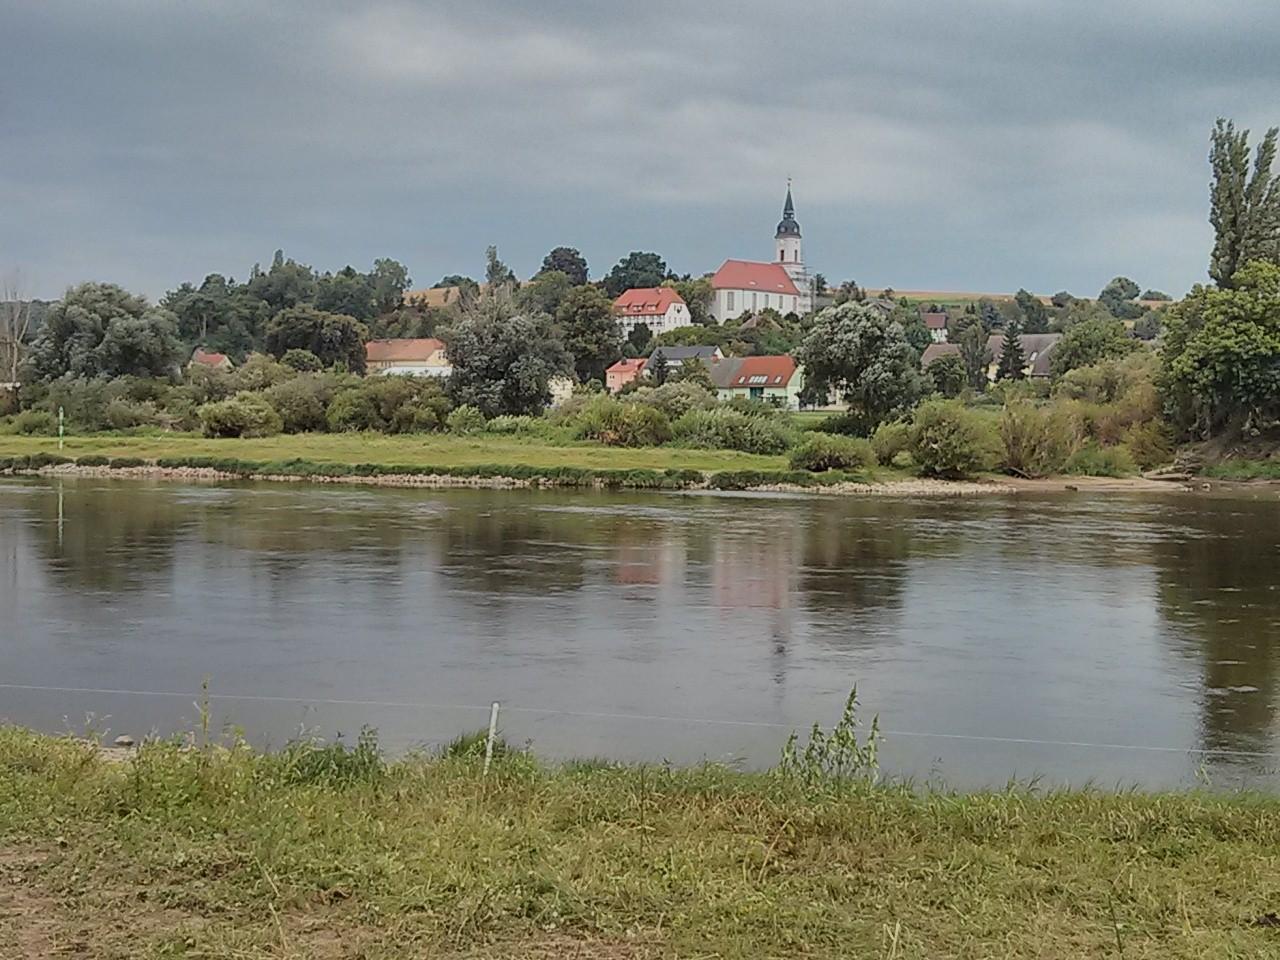 nochmal der Blick über die Elbe